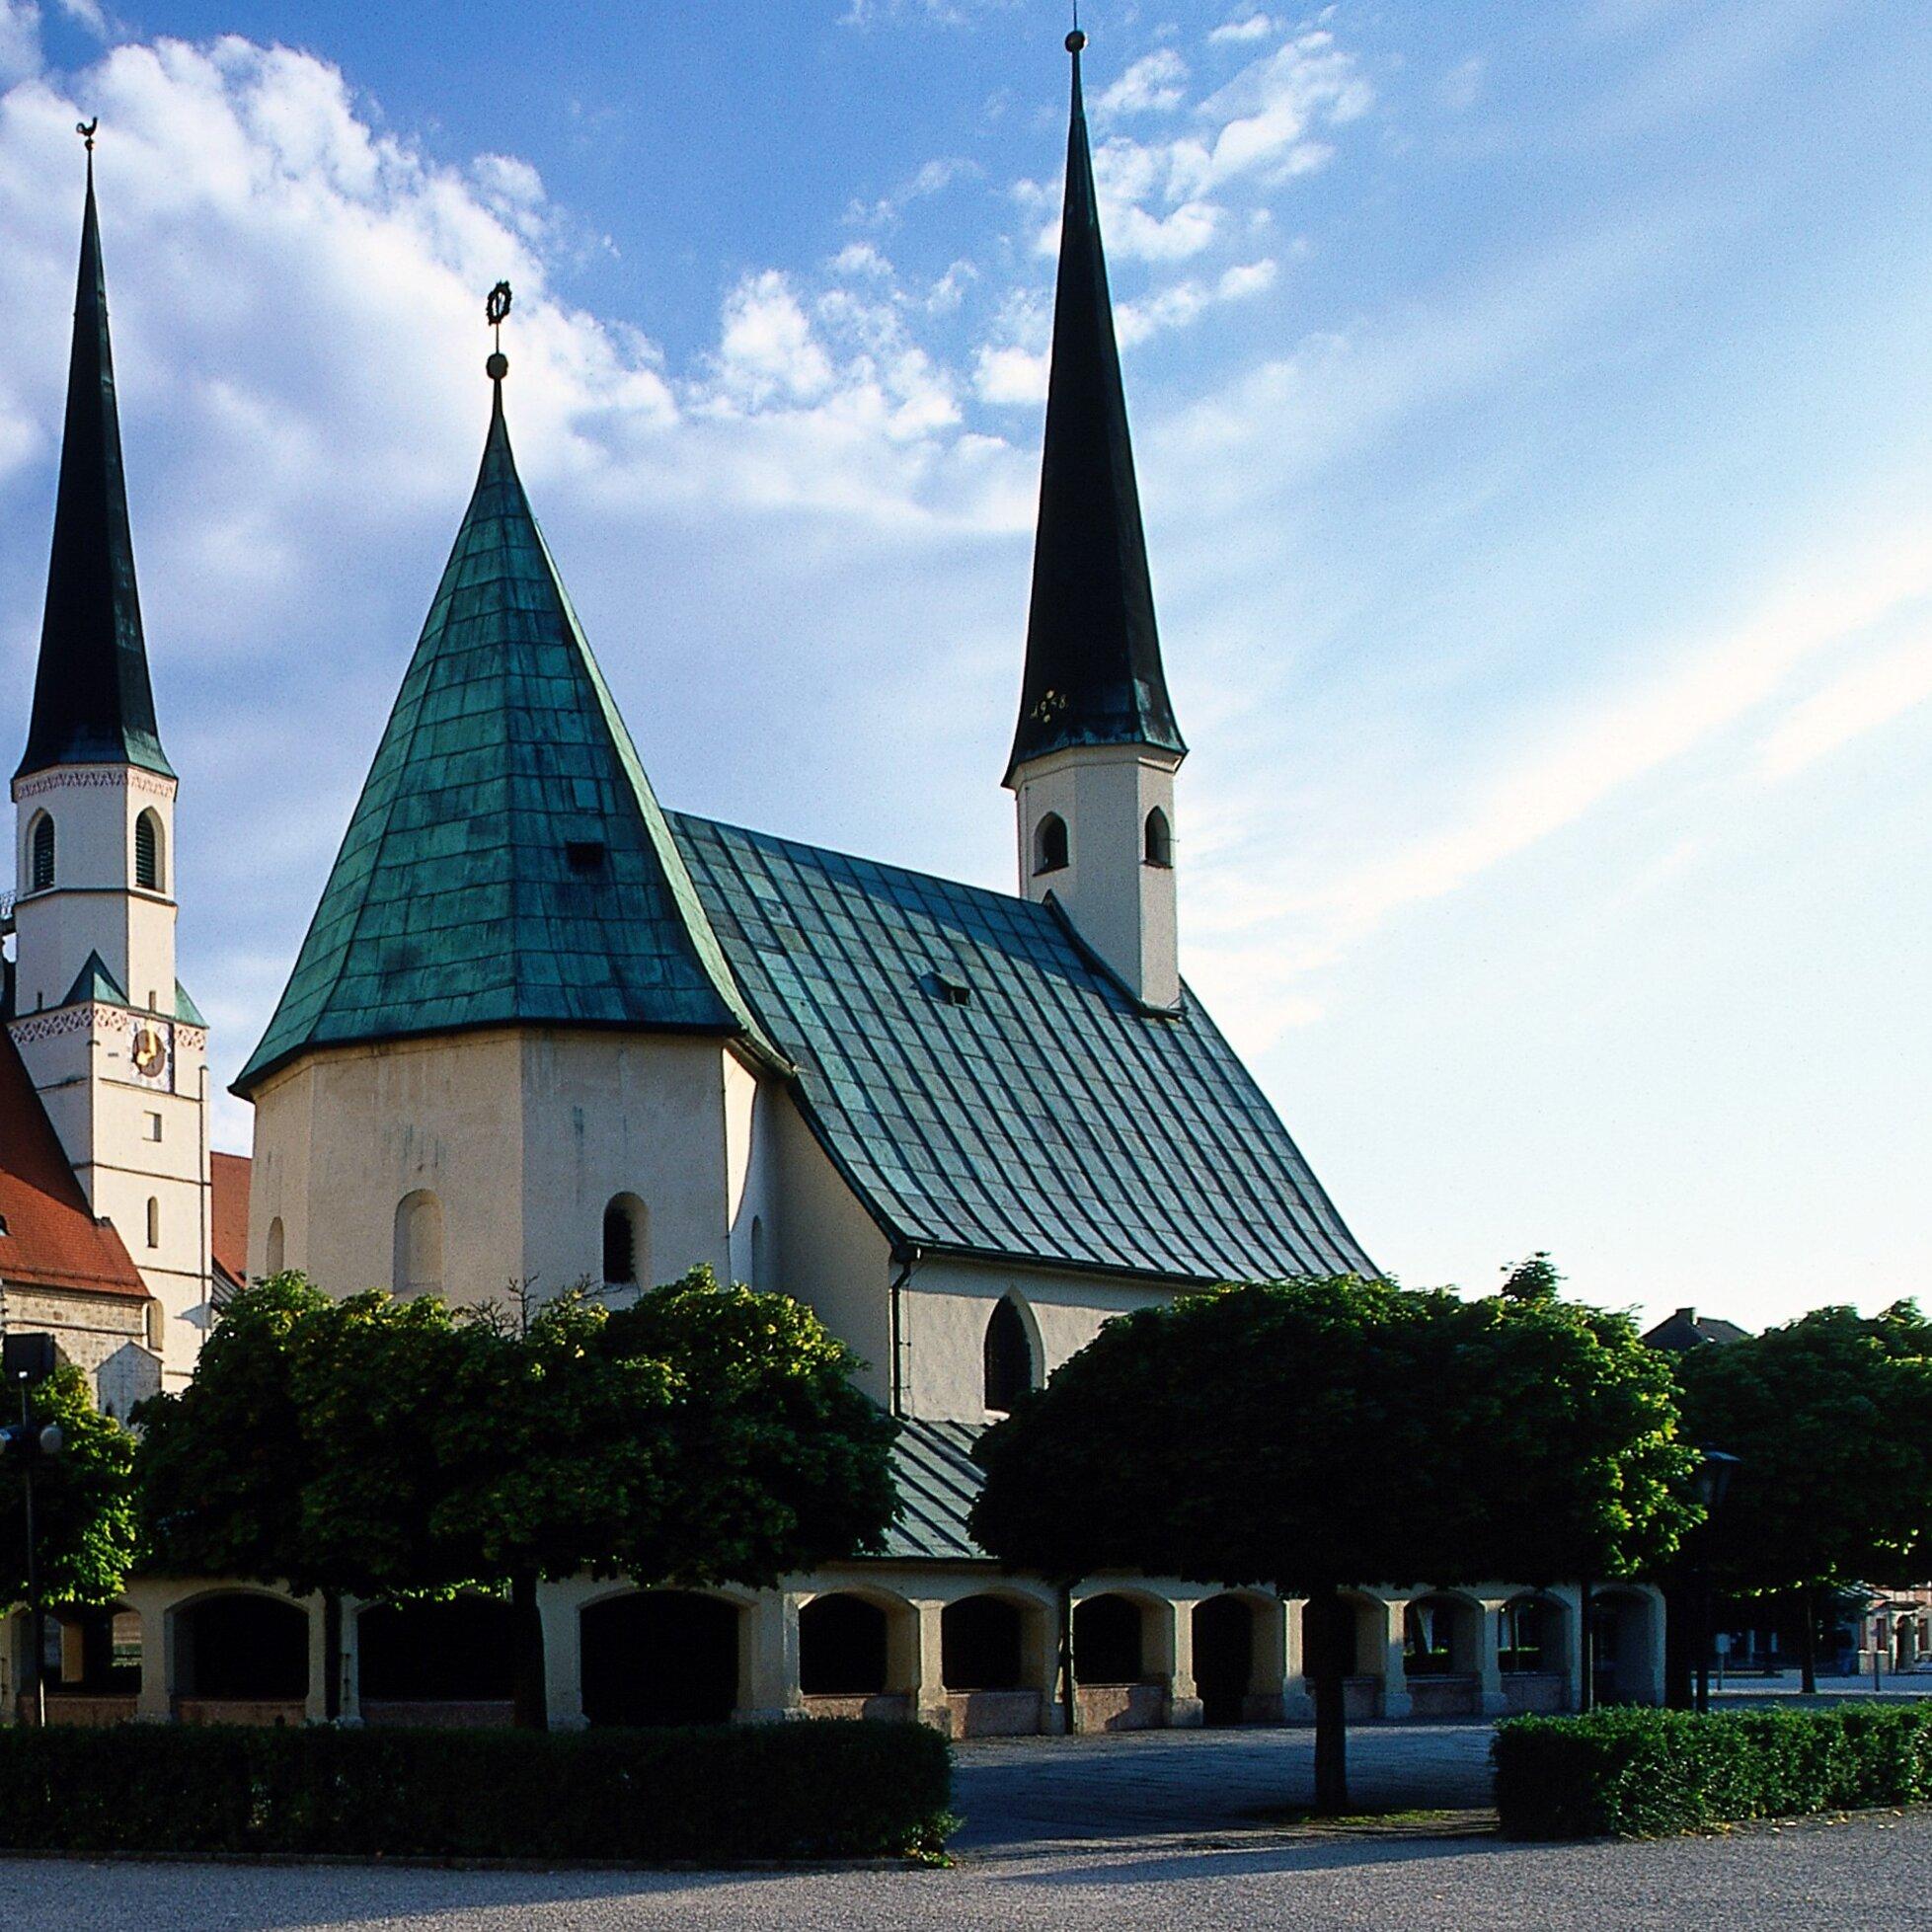 Hl. Messe: mit Chor und Orgel/ M. Haller, Missa tertia